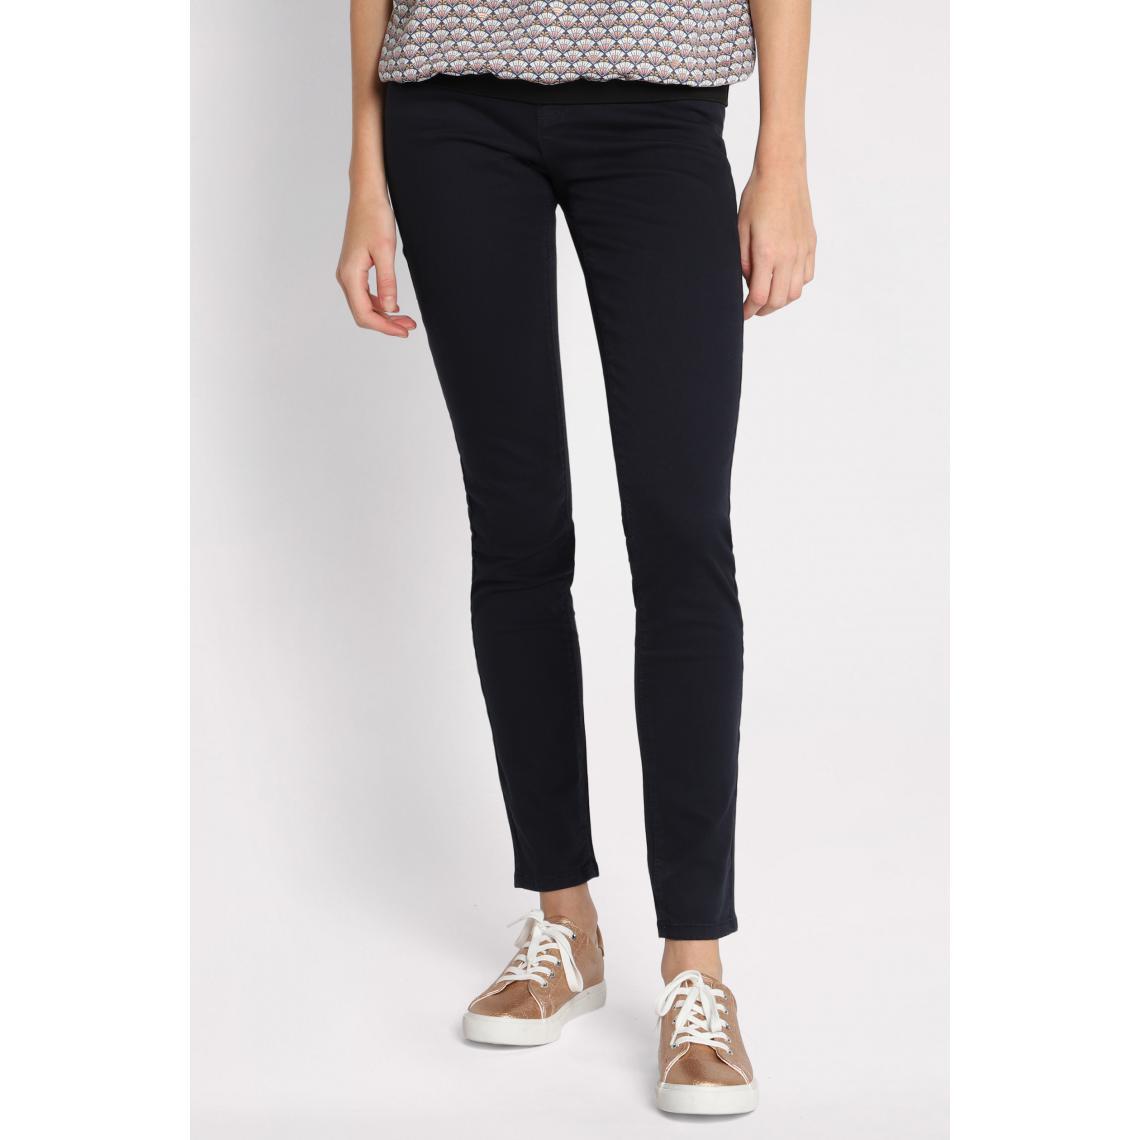 Pantalon slim 5 poches - Cache cache - Modalova